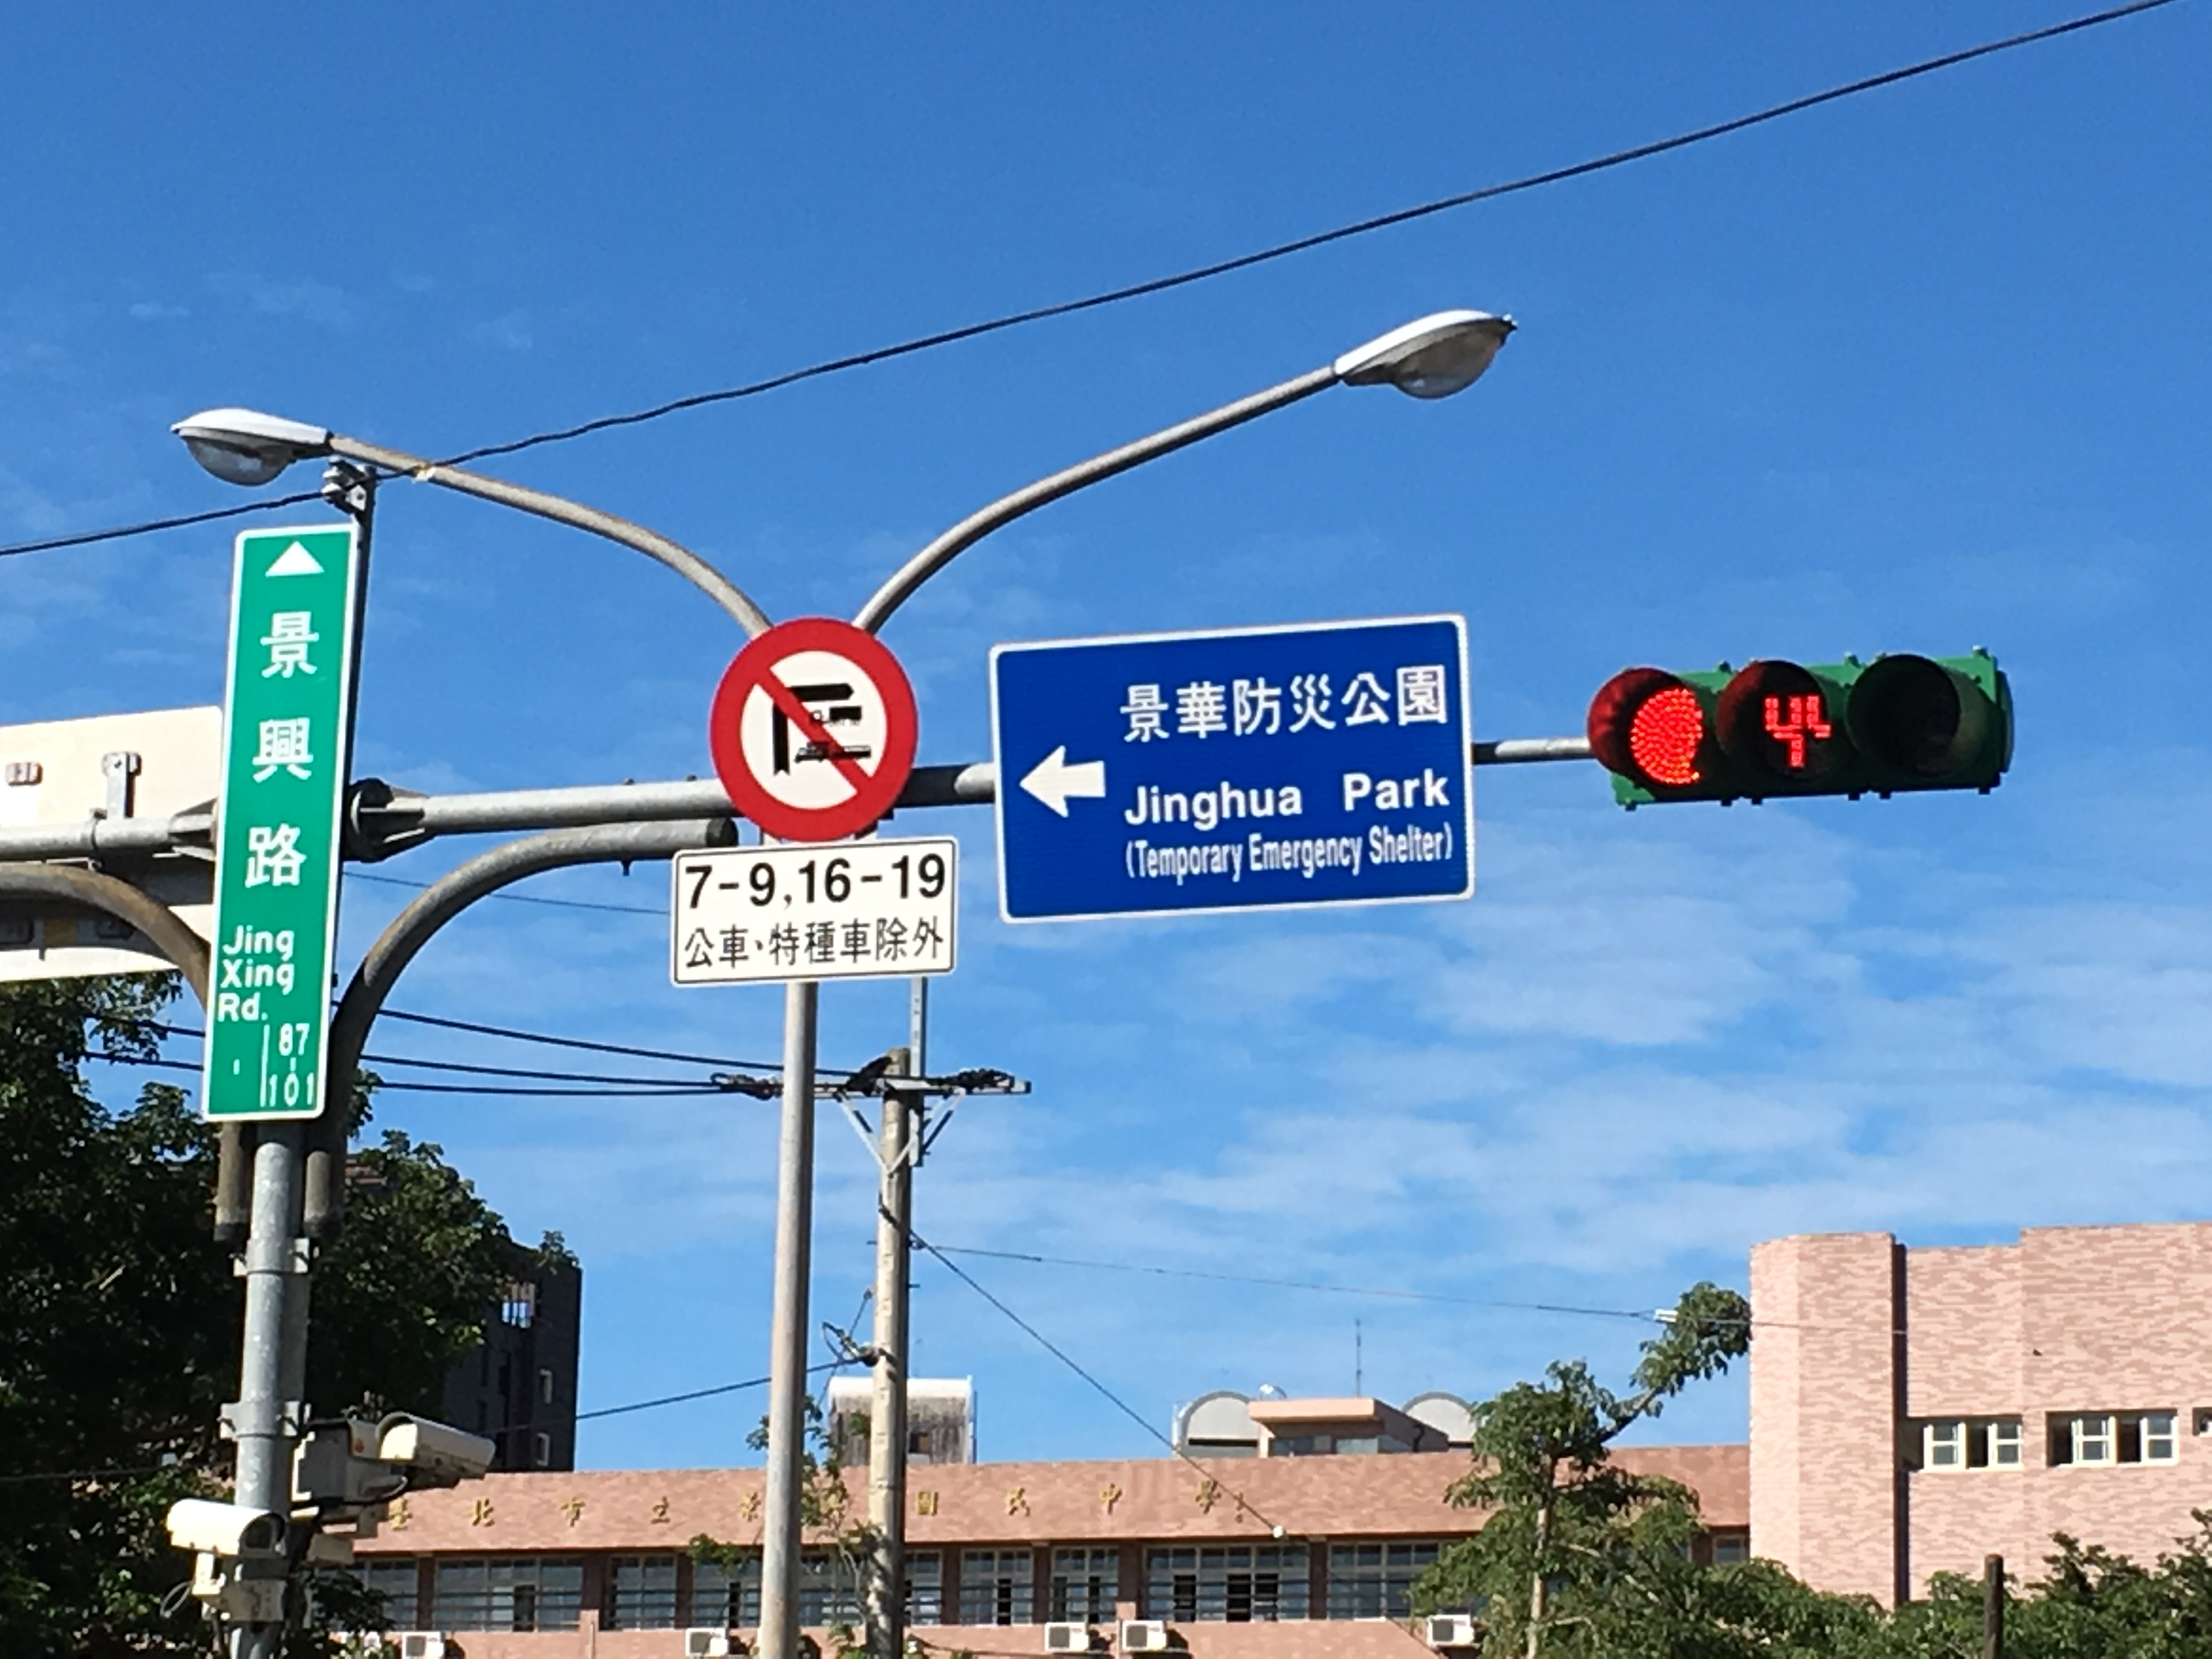 景華防災公園告示牌。攝影/羅紹齊